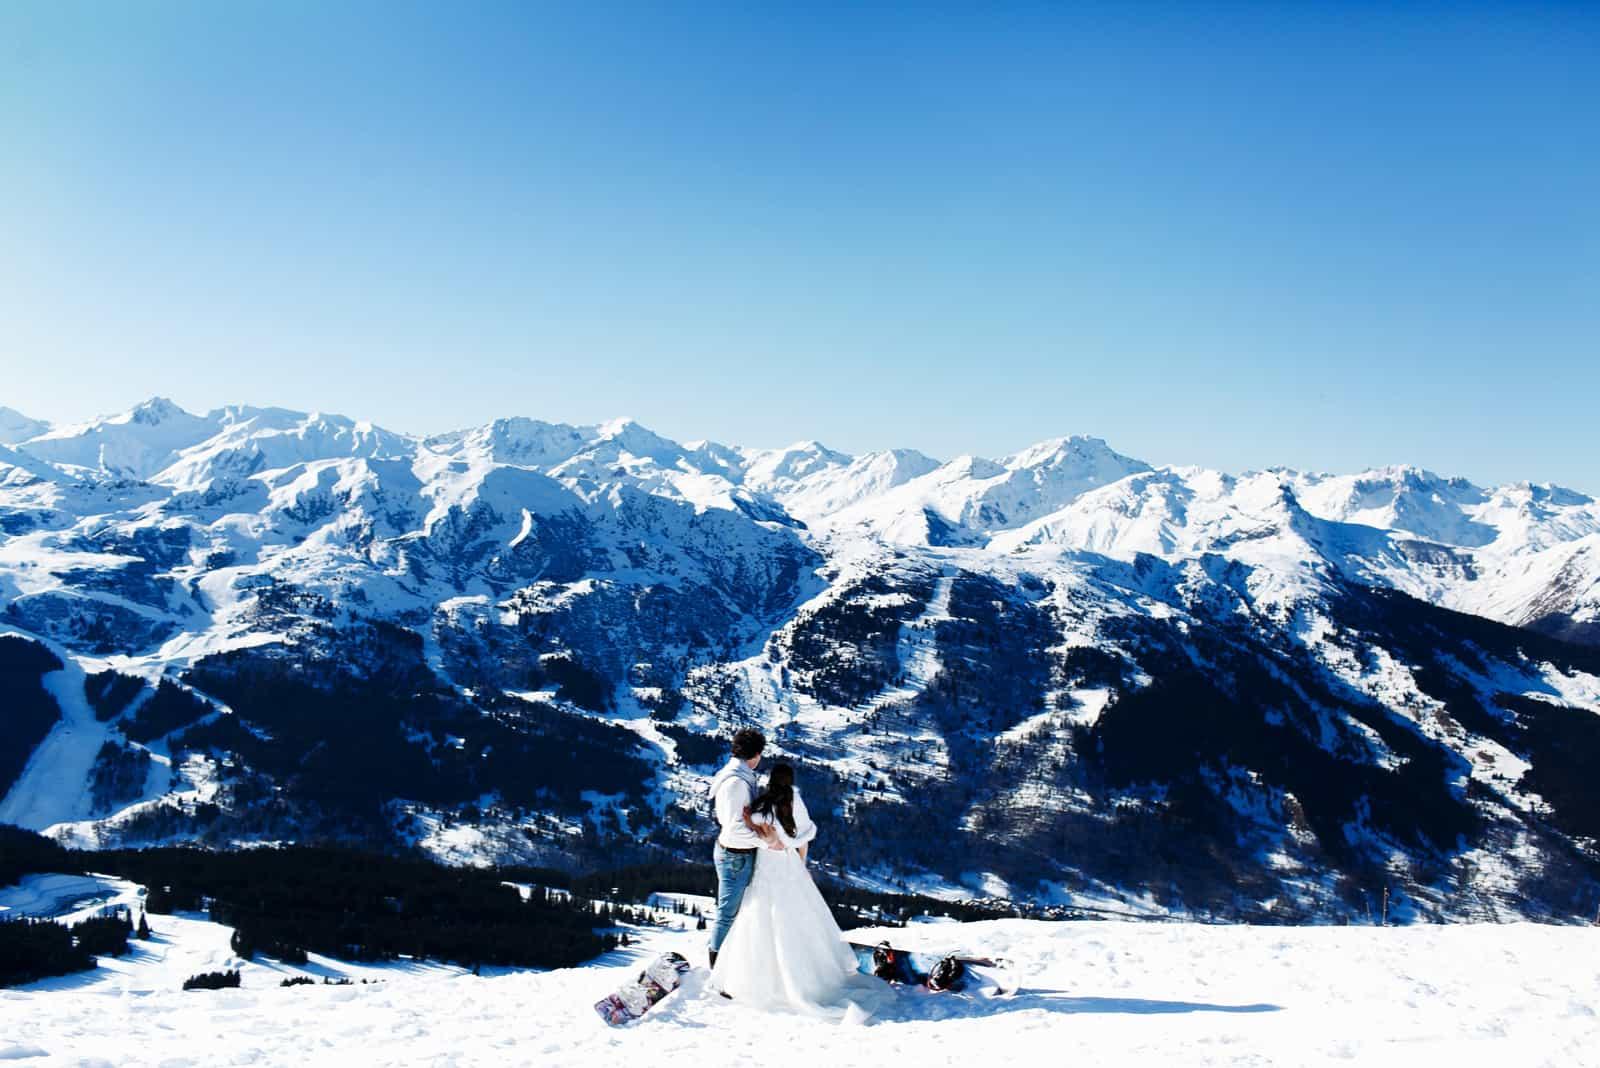 Braut und Bräutigam in Liebe küssen auf dem Hintergrund der Alpen Courchevel